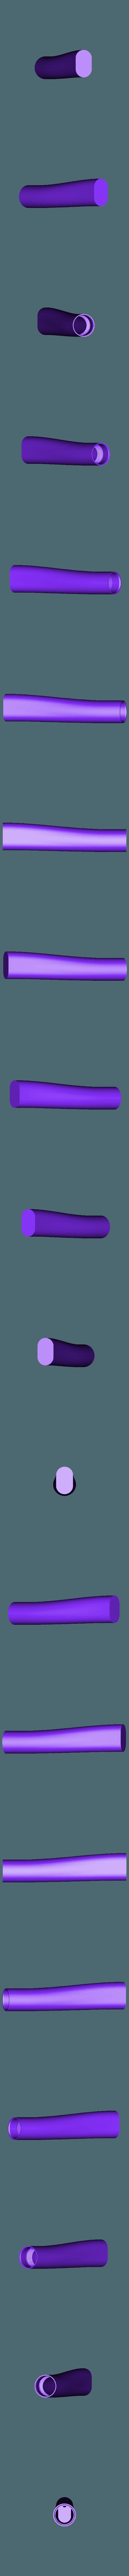 FlyReel_Fishing_Handle_v1-0.STL Télécharger fichier STL gratuit Poteaux de pêche • Objet pour impression 3D, WalterHsiao